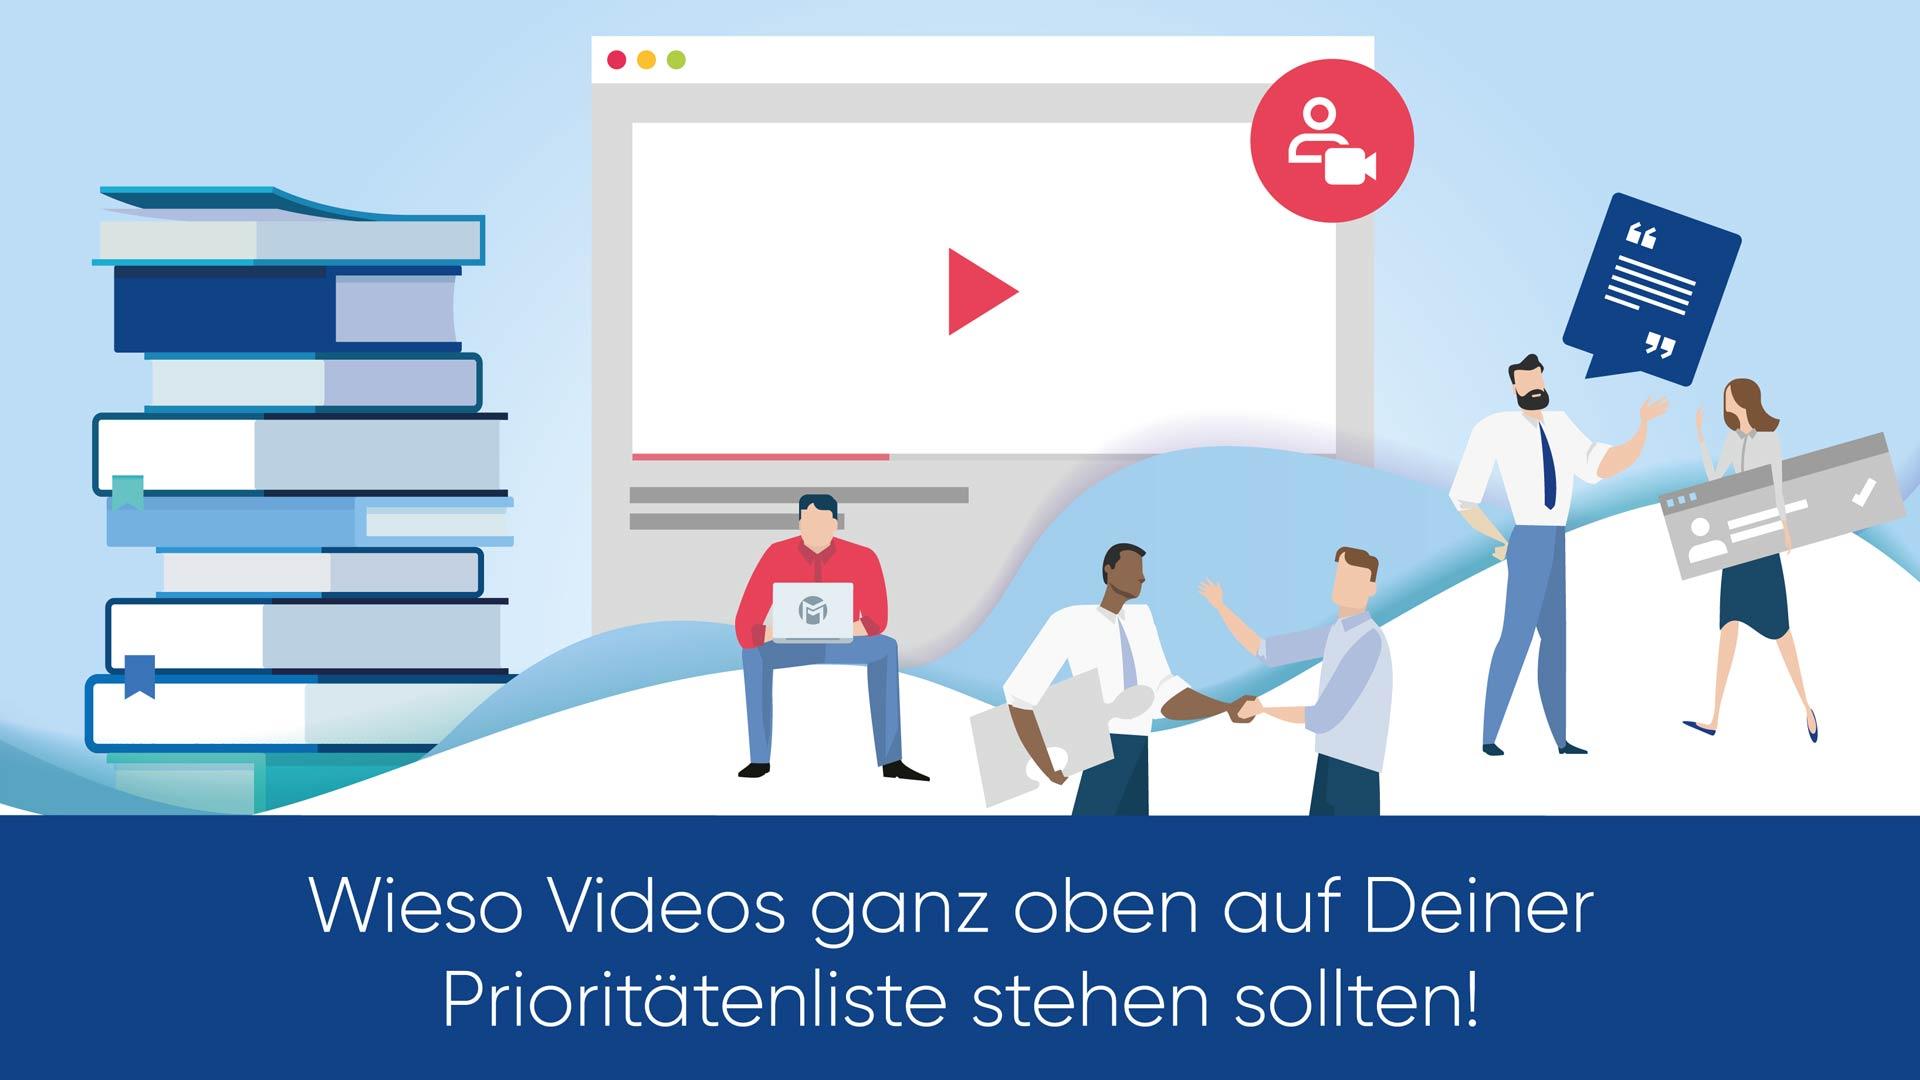 Wieso Videos ganz oben auf Deiner Prioritätenliste stehen sollten!